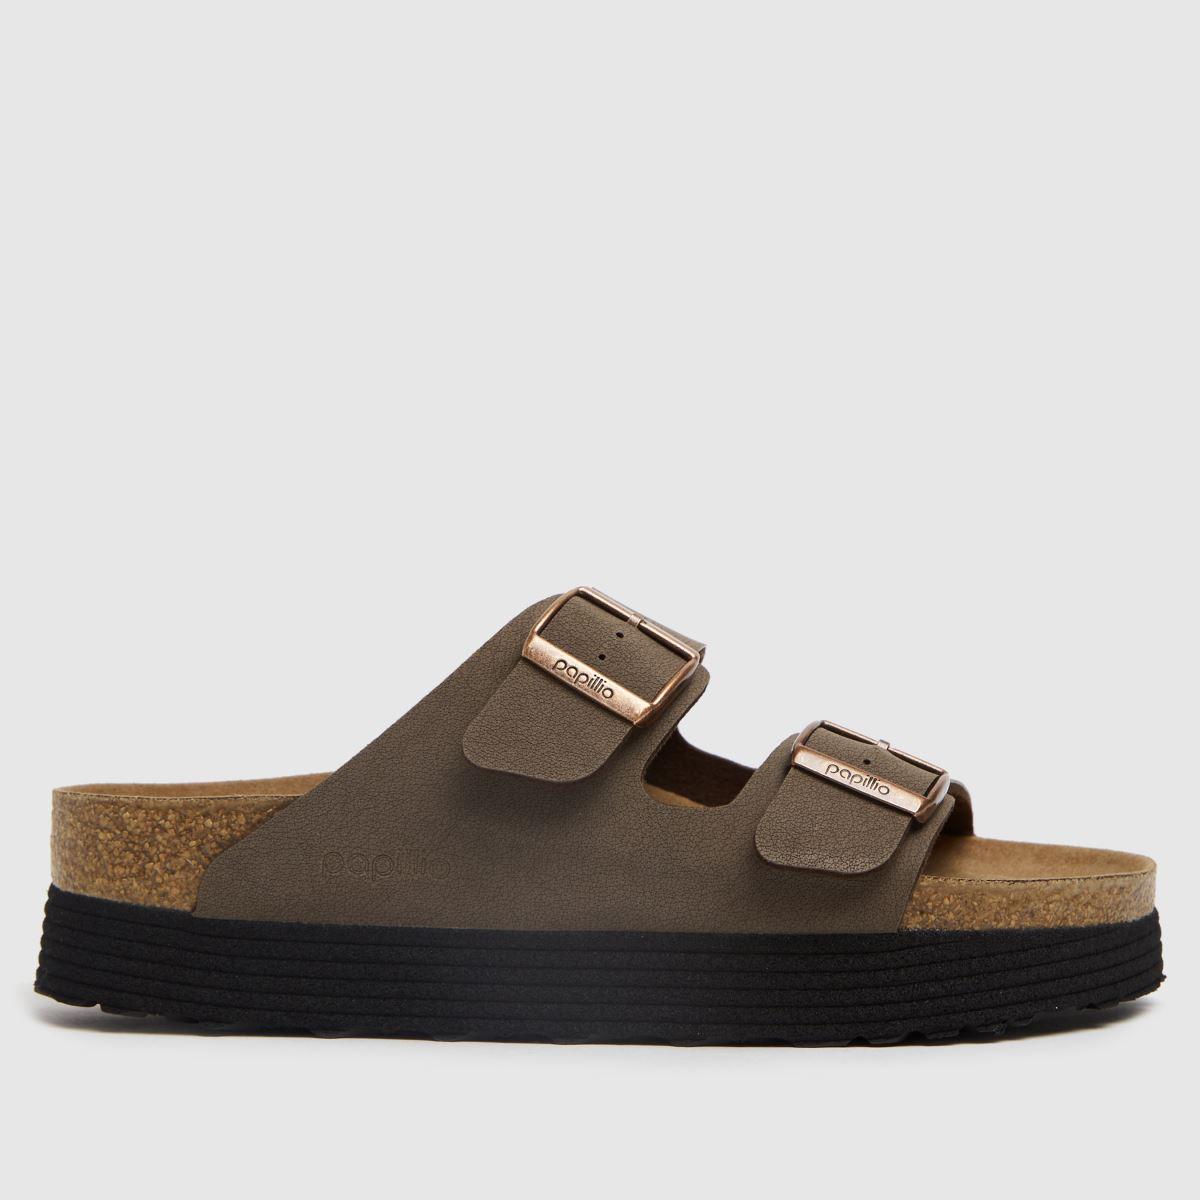 BIRKENSTOCK Brown Papillio Grooved Vegan Sandals